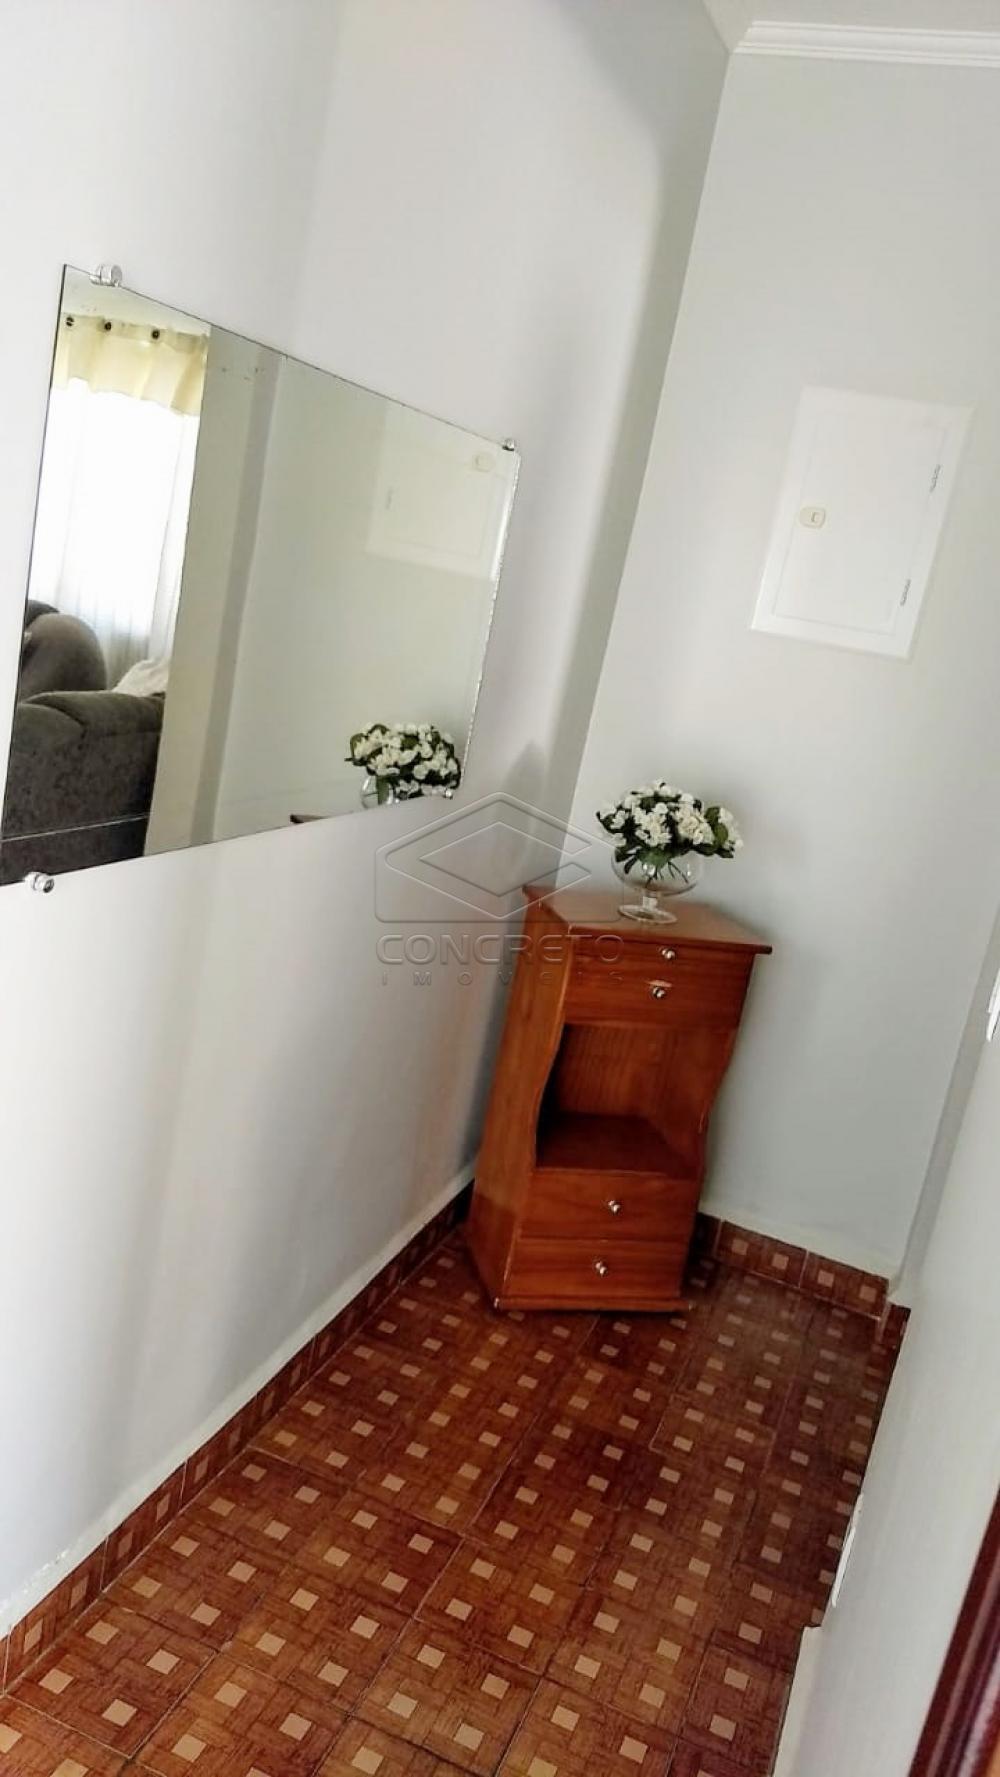 Comprar Casa / Residencia em Jaú apenas R$ 305.000,00 - Foto 8